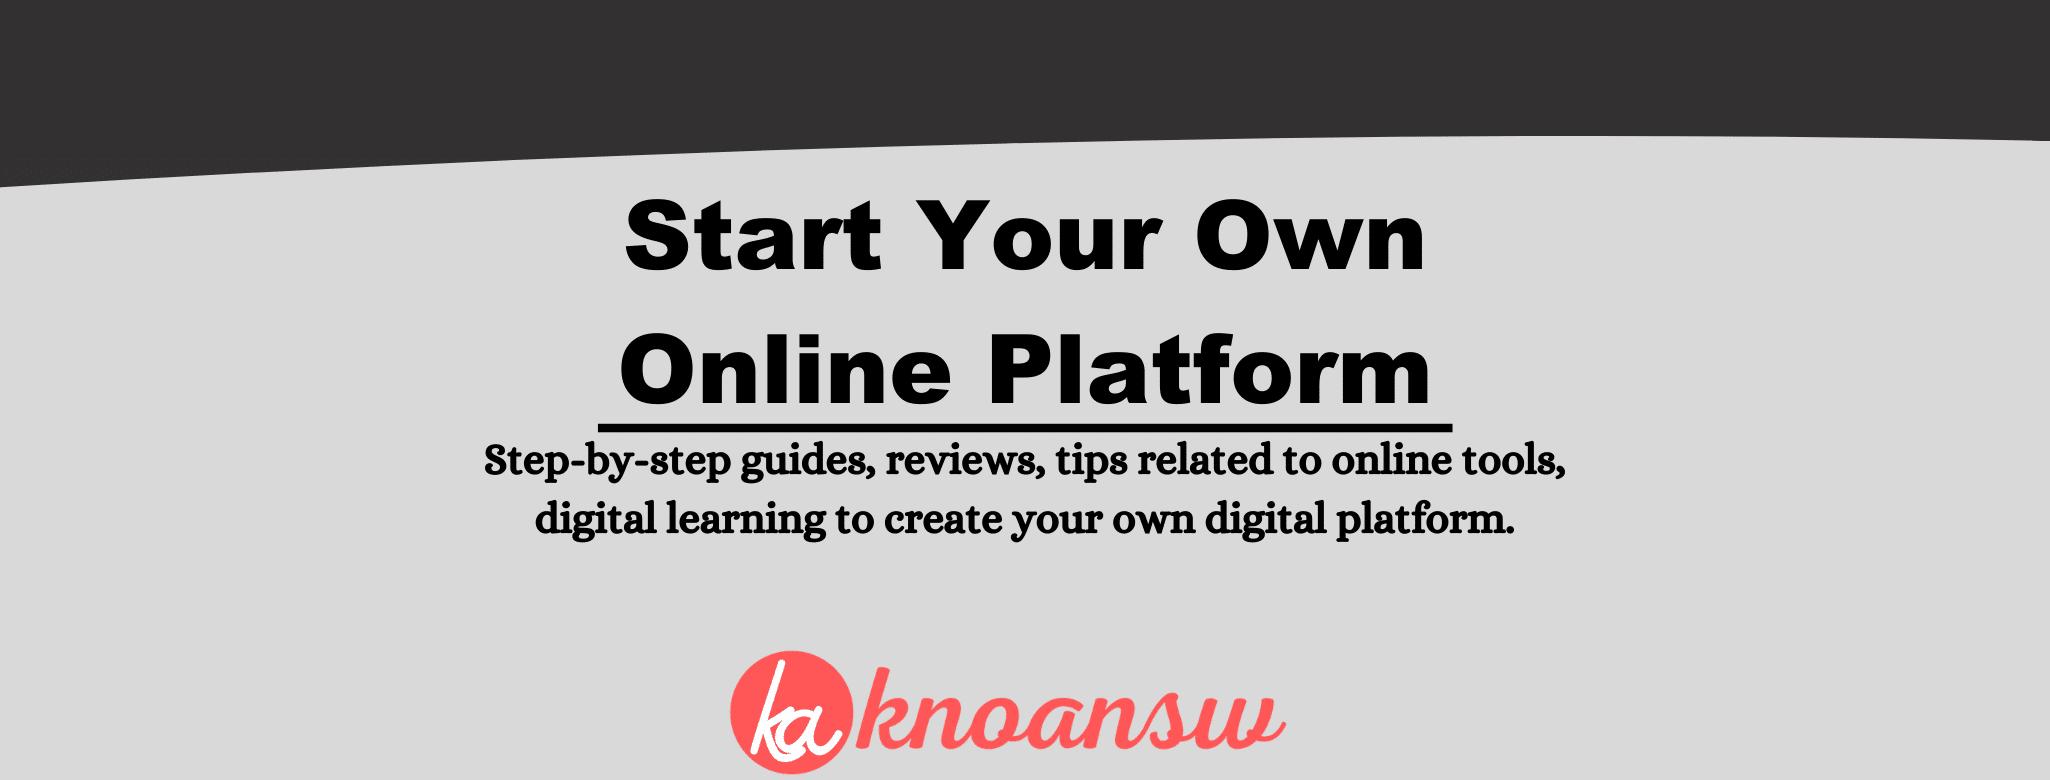 Knoansw: Start Your Own Online Platform